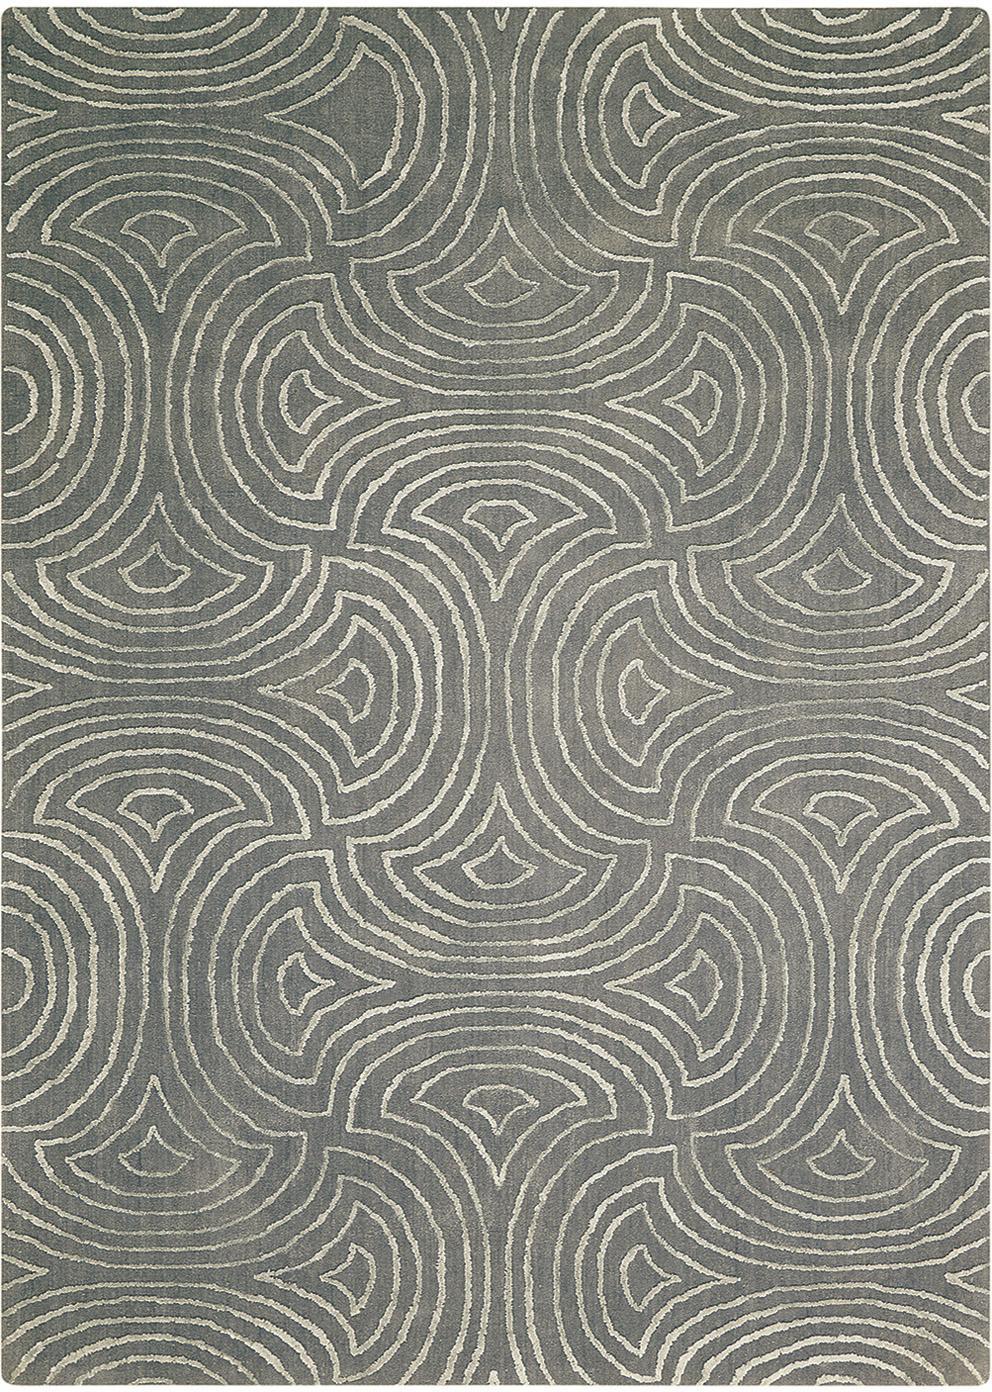 Handgetuft vloerkleed Vita Illusion met hoog-diep effect, Bovenzijde: 90%polyester, 10% viscos, Onderzijde: katoen, latex-gecoat, Mosgroen, B 150 x L 215 cm (maat M)